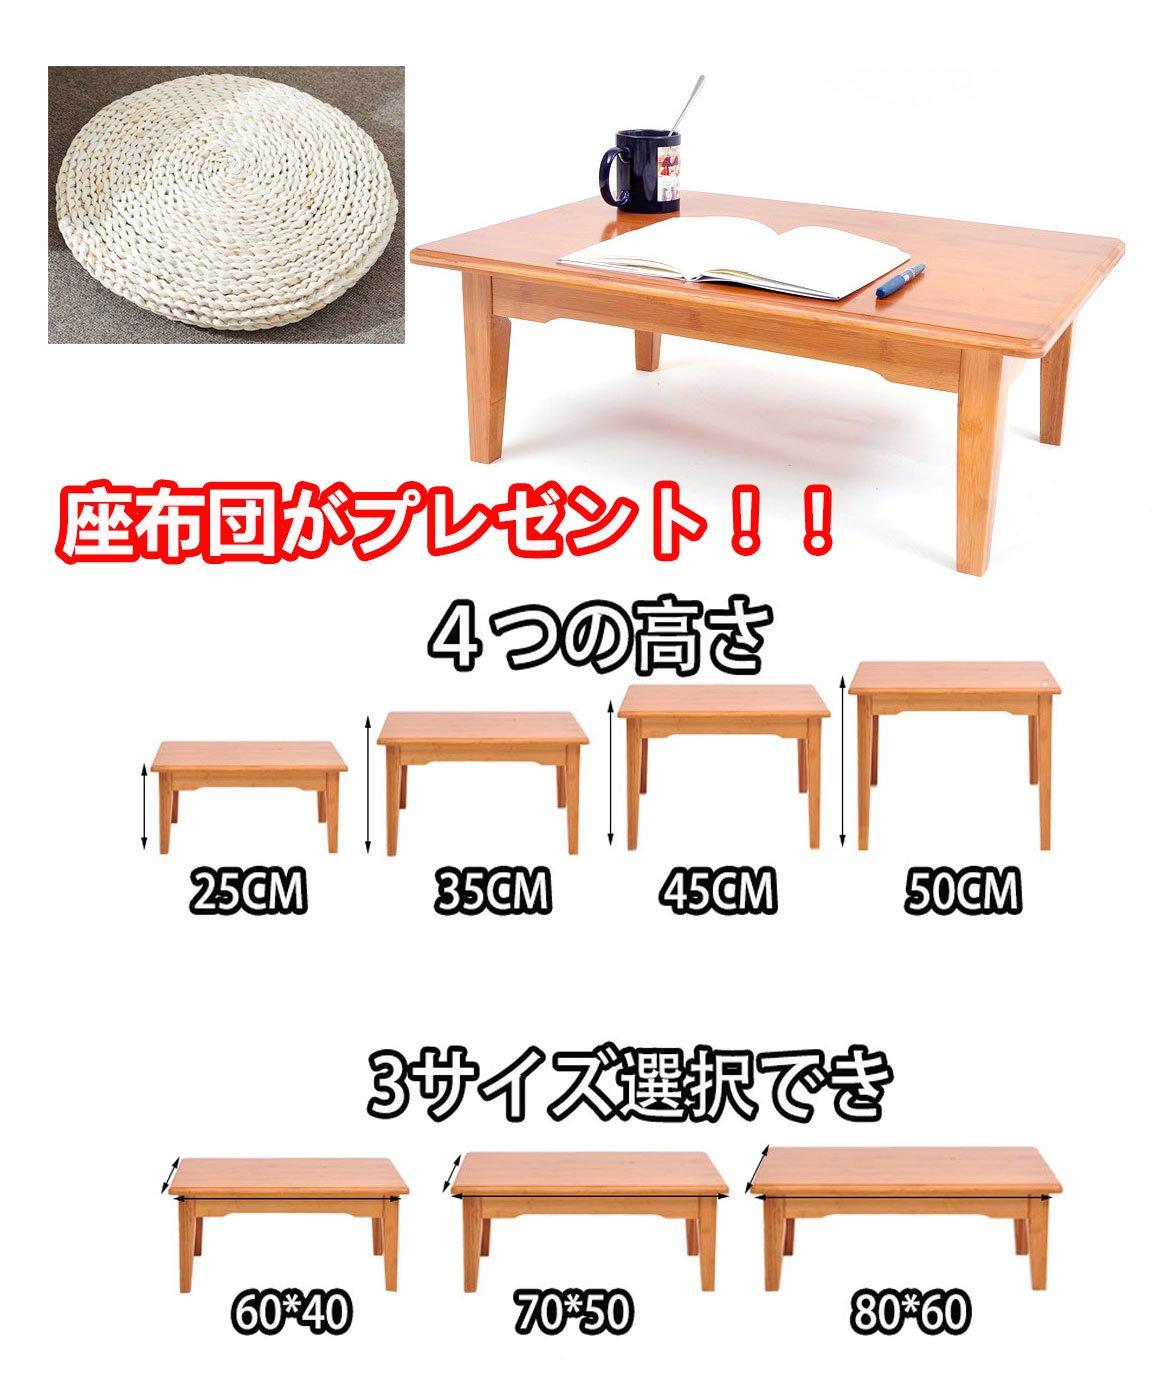 テーブル 木製テーブル 座卓 ローテーブル ちゃぶ台 幅60/70/80cm 高さ25/35/45/50cm 机 テーブル 脚 木製 テーブル デスク ウォールナット シンプル 北欧 B01MFGS6SR 60*40*45|45 45 60*40*45